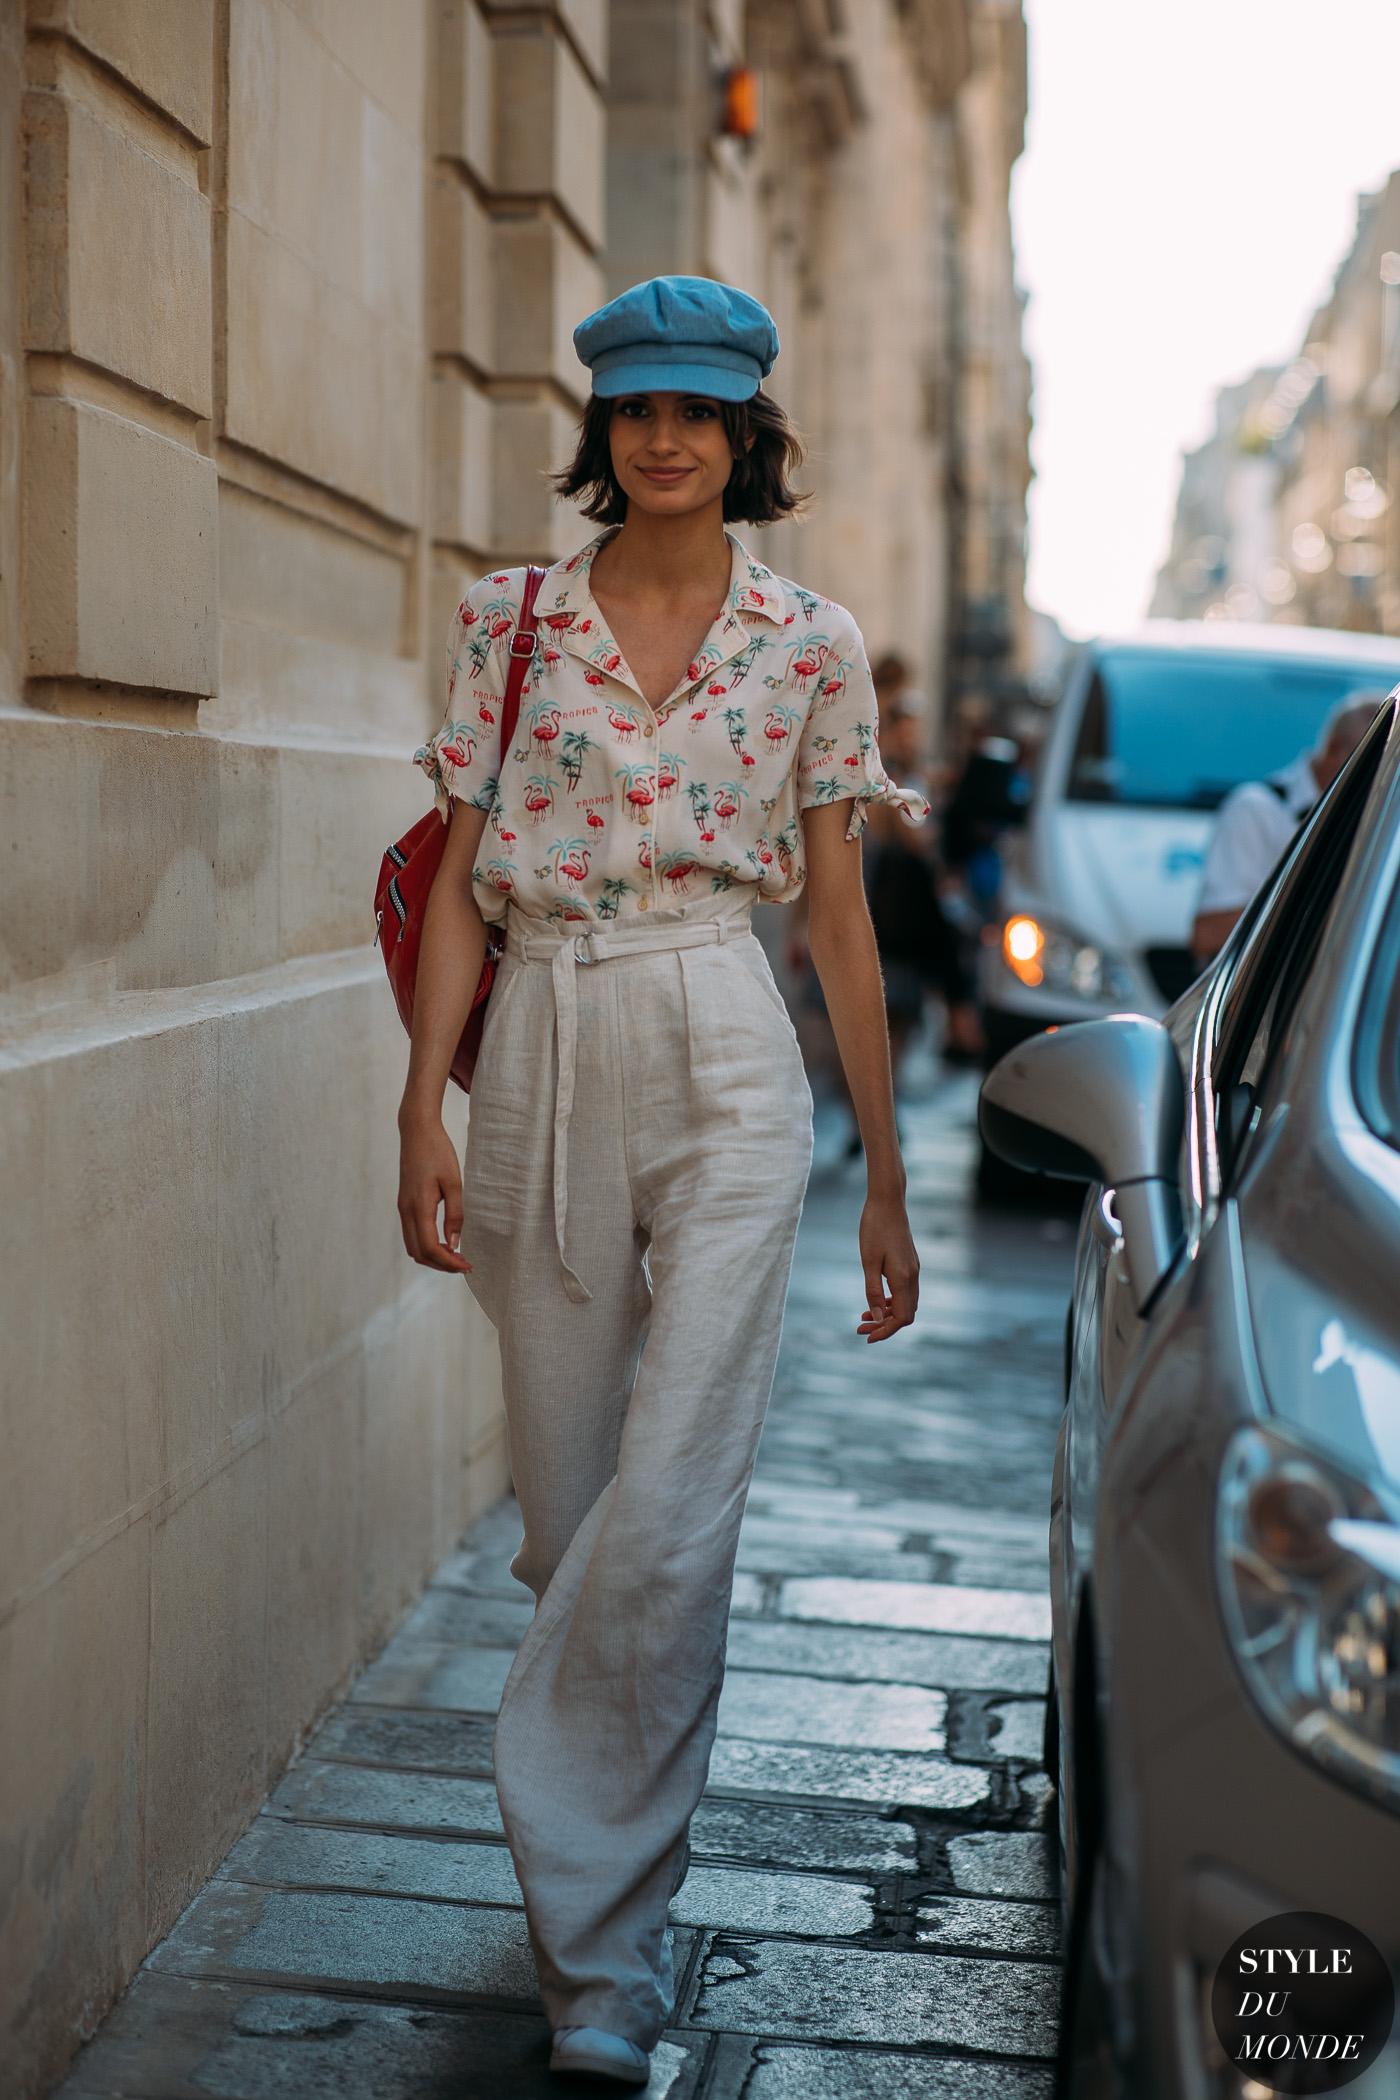 fashionista diện áo sơmi hồng hạc quần trắng mũ beret